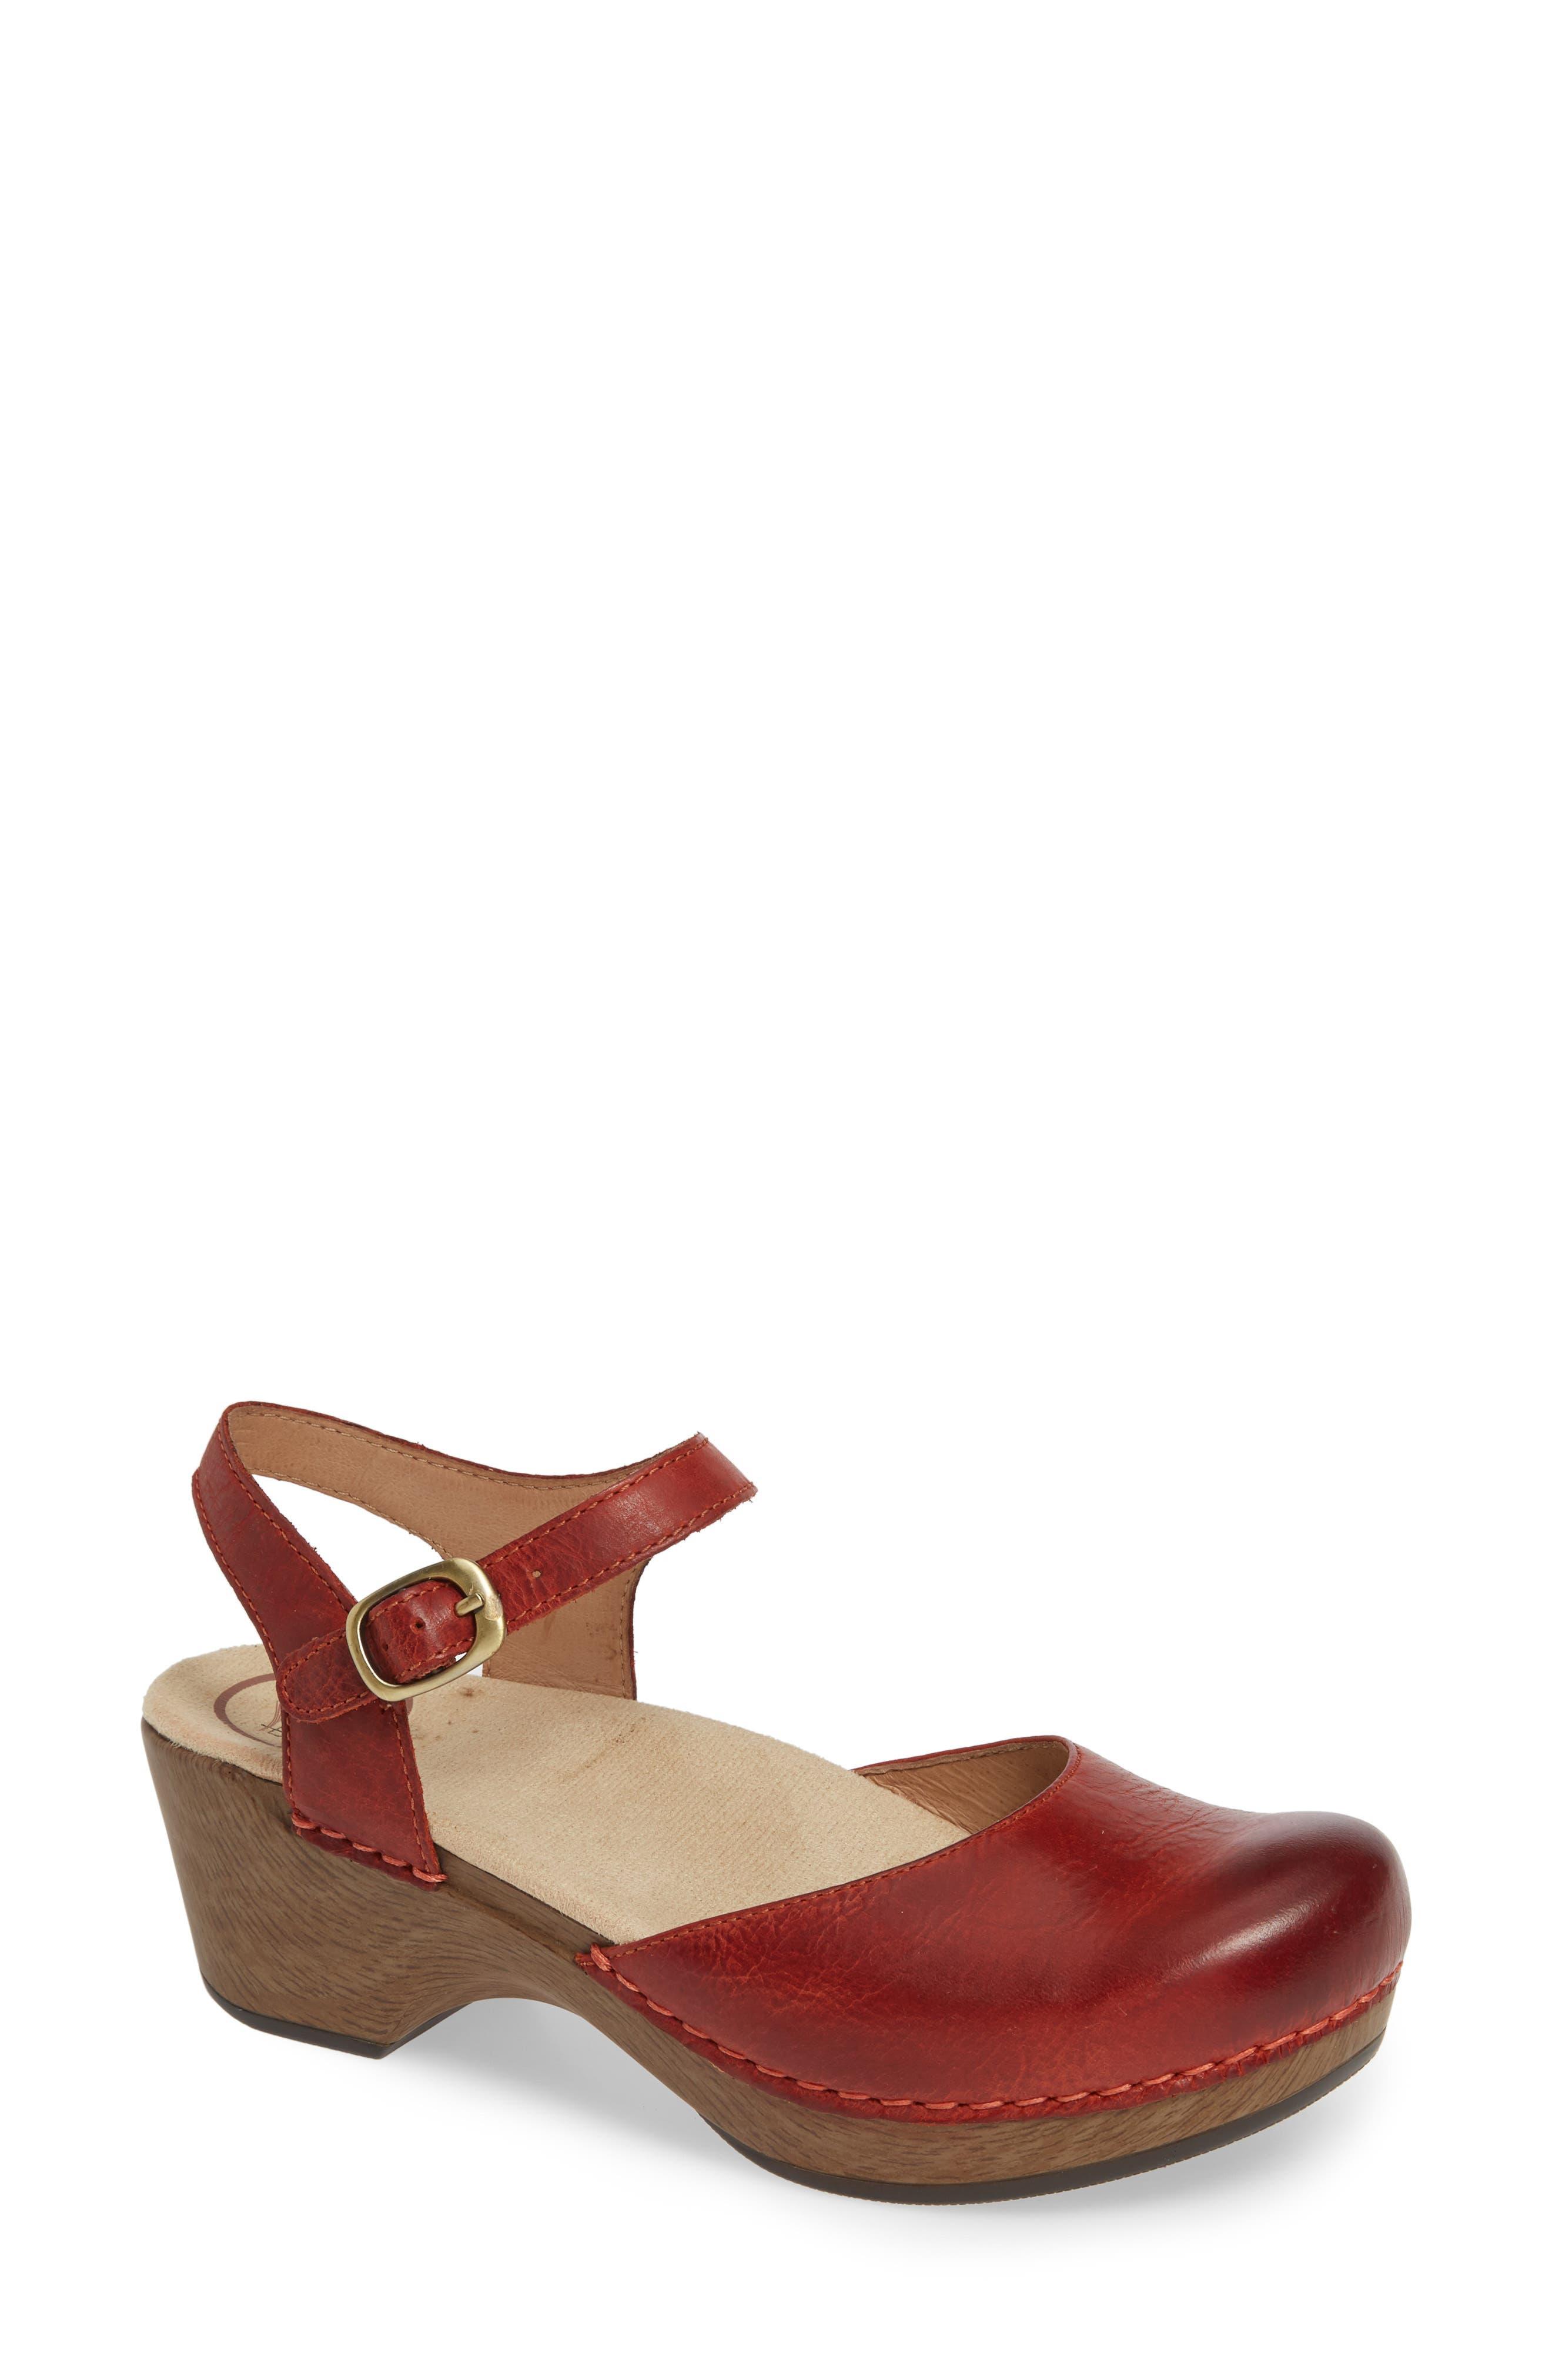 2761140c8f27 Women s Block Comfortable Heels   Comfortable Pumps